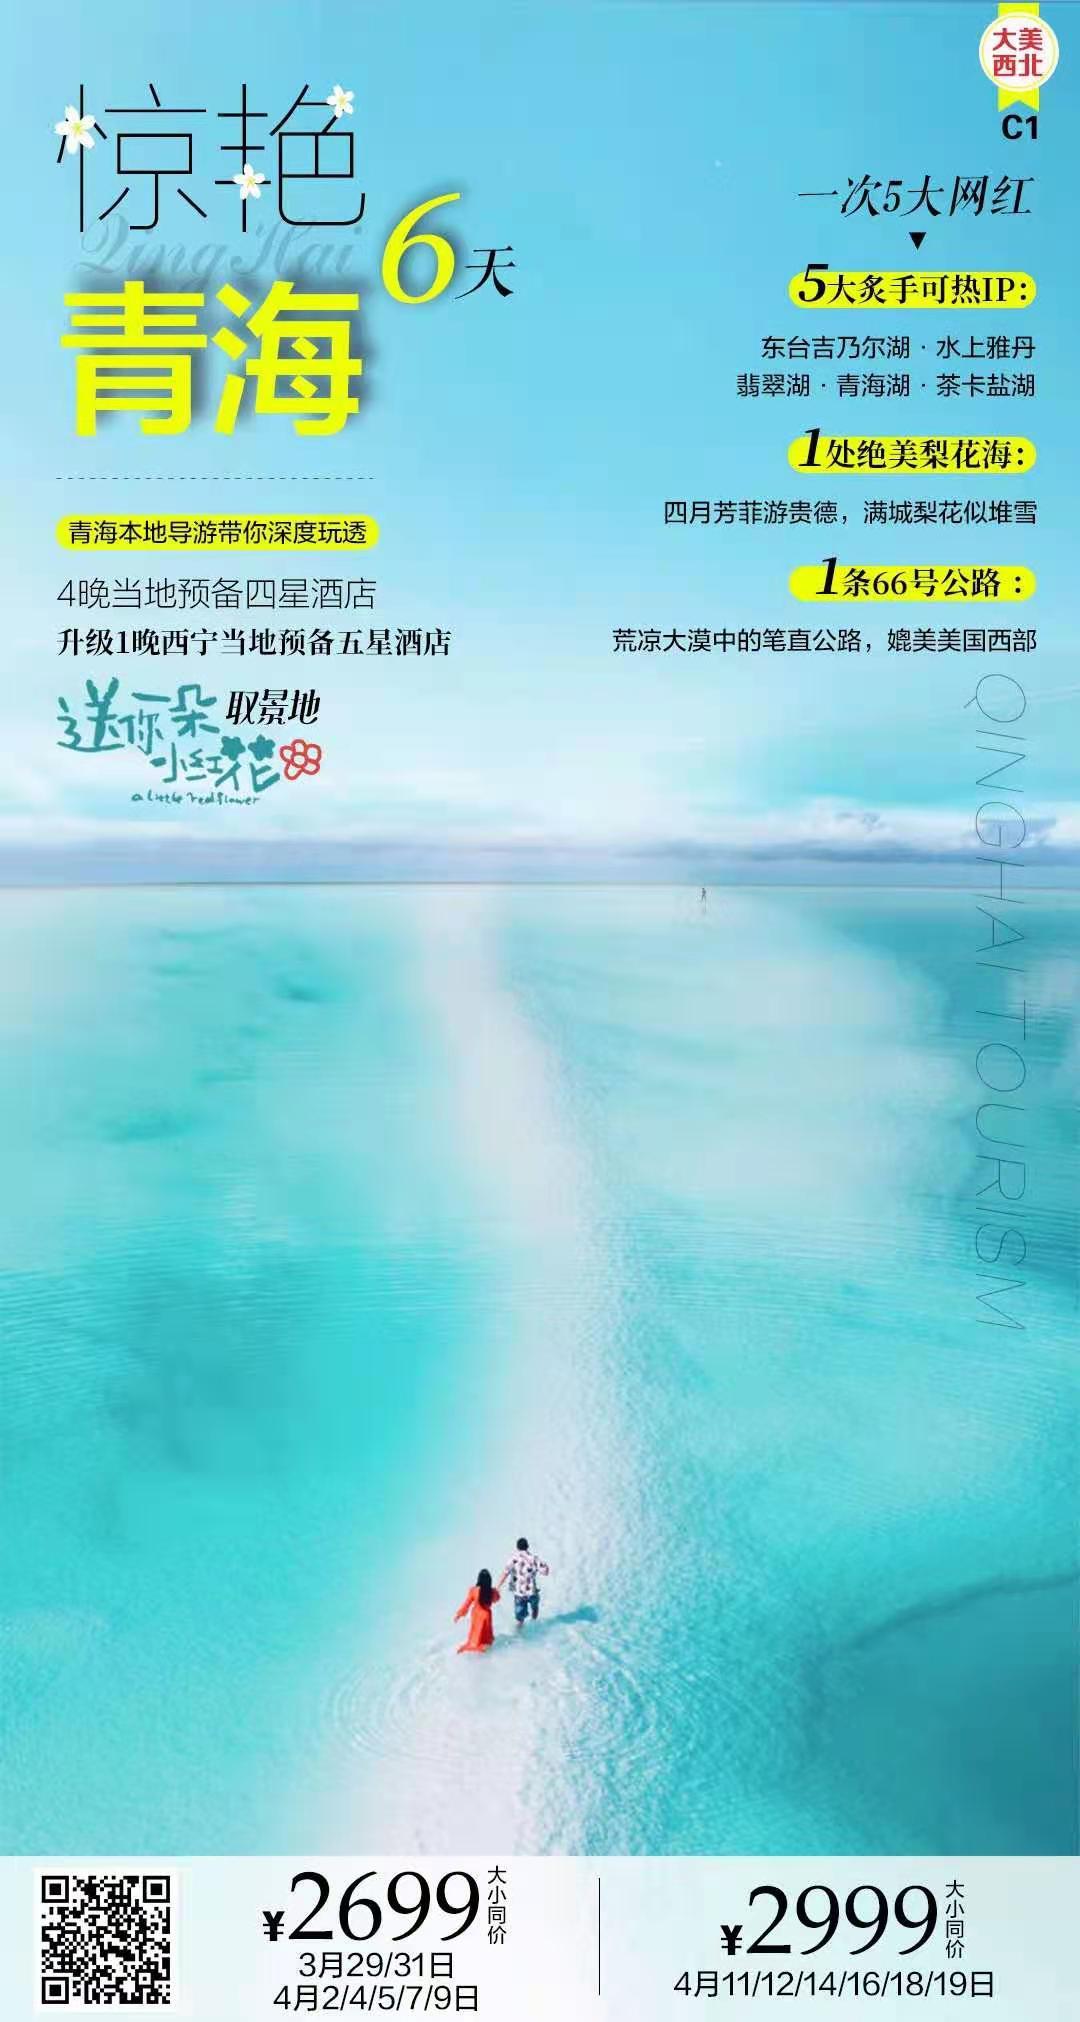 【优行·国旅】西南西北风情-国内高端定制奖励旅游篇